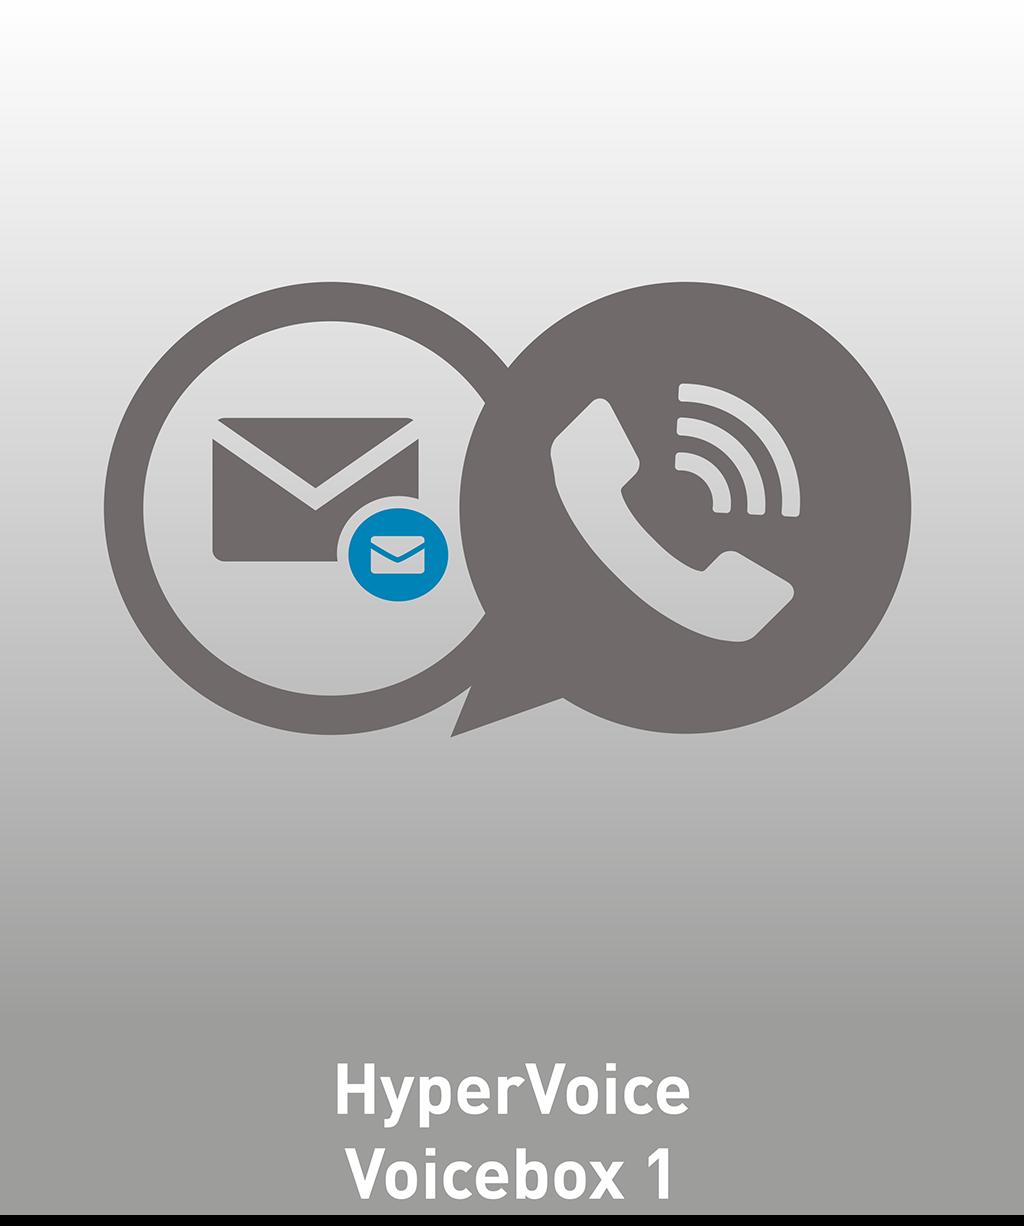 HyperVoice Voicebox 1 Lizenz